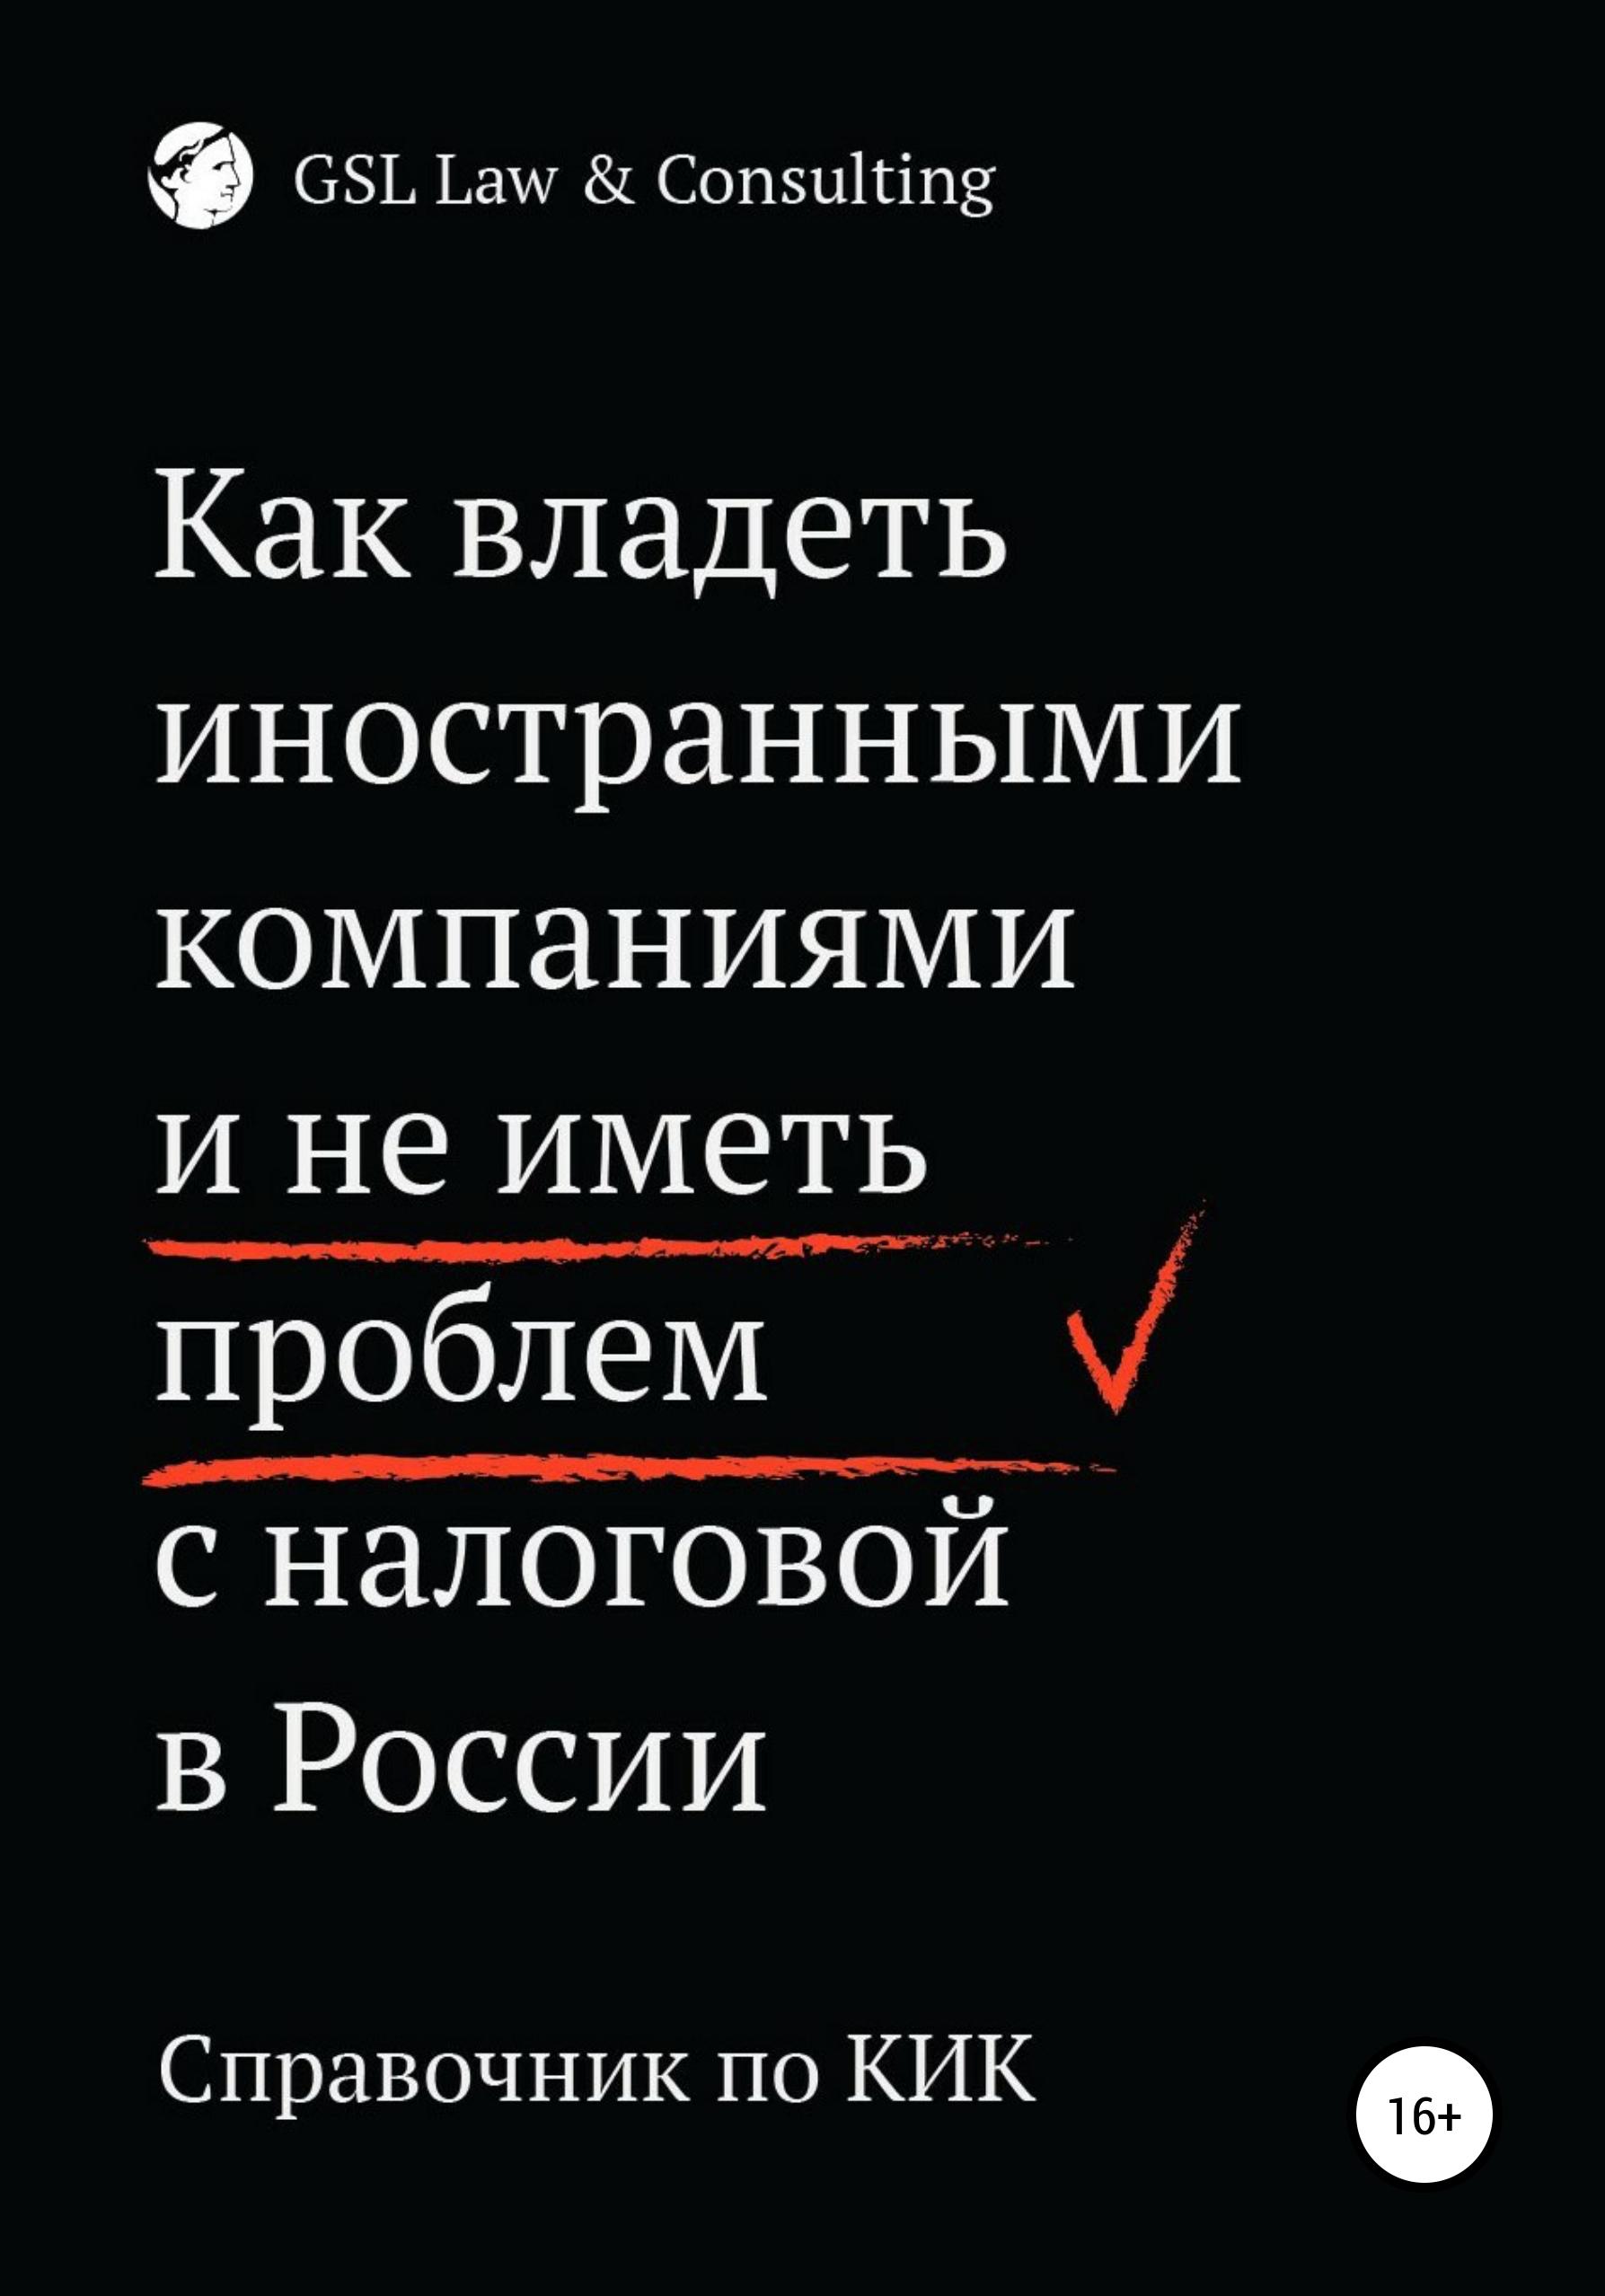 Коллектив авторов GSL Law&Consulting - Как владеть иностранными компаниями и не иметь проблем с налоговой России